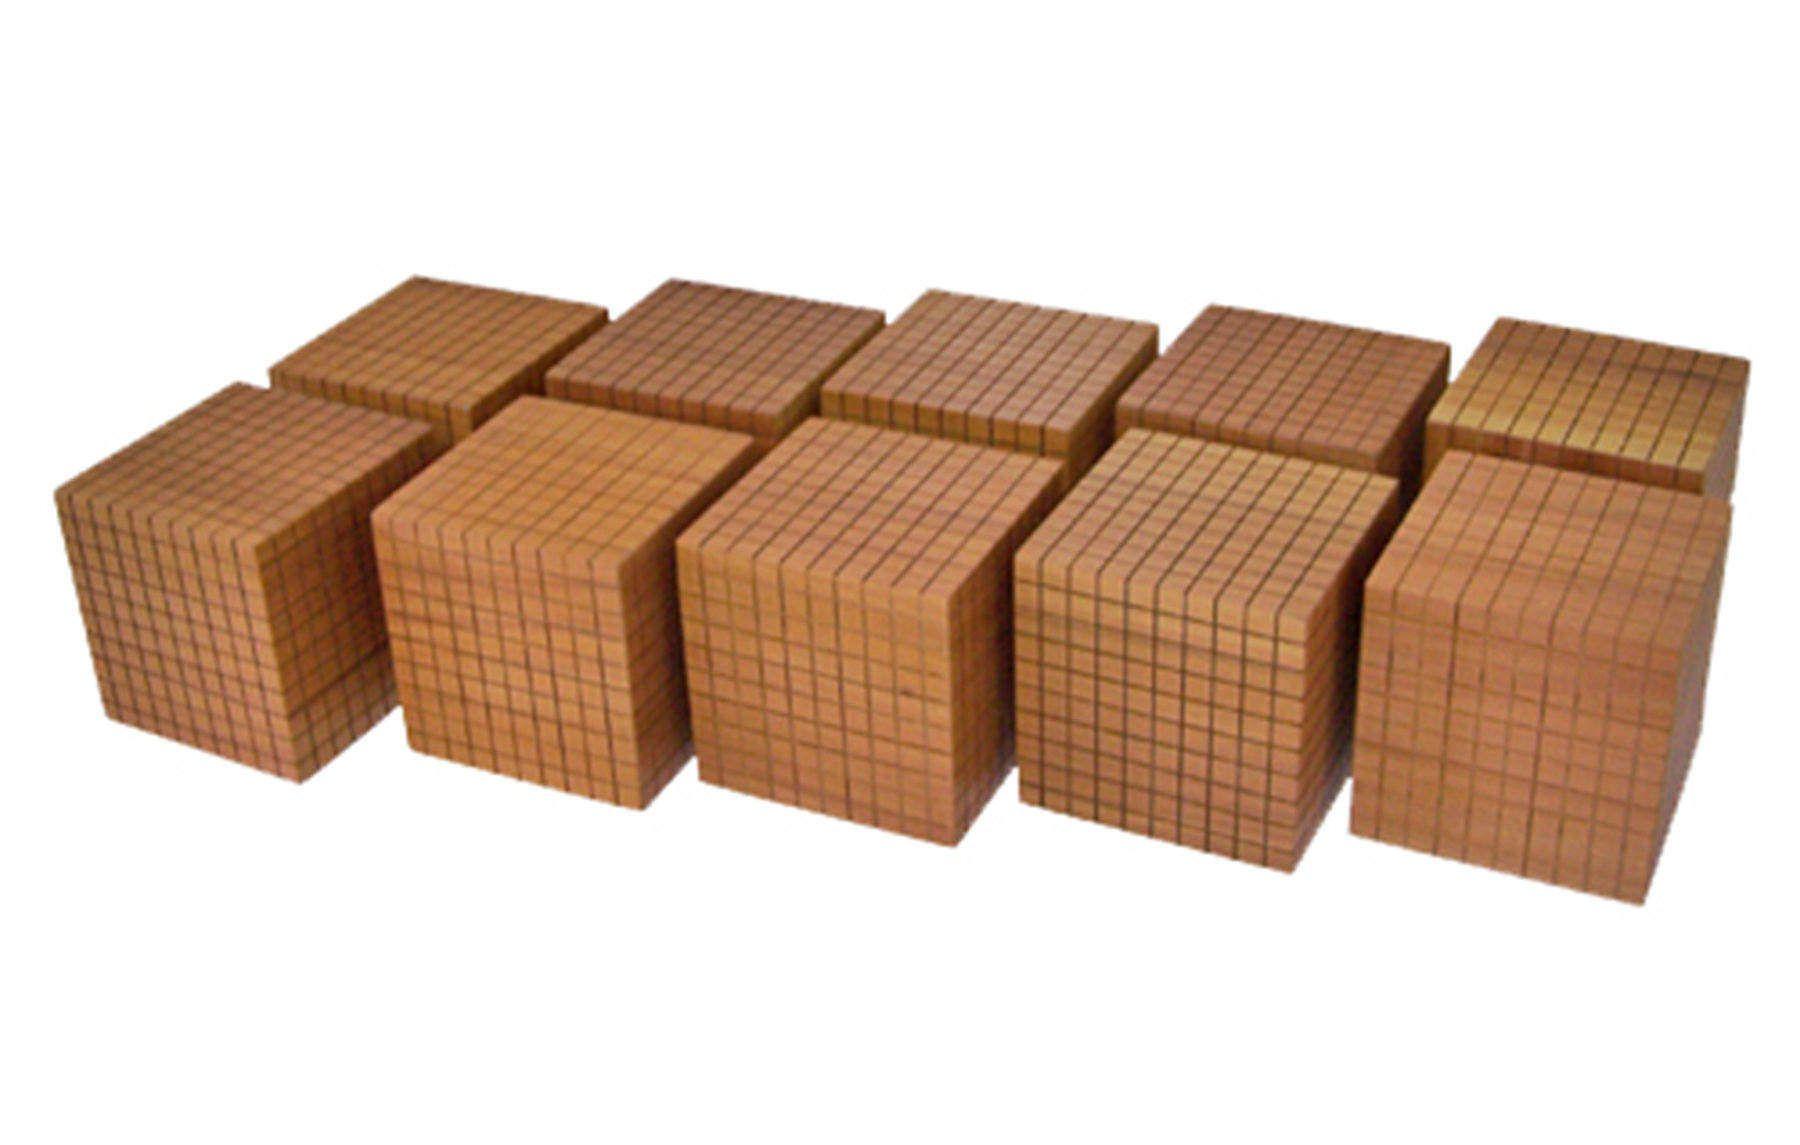 10 Cubos do Mil de Material Dourado